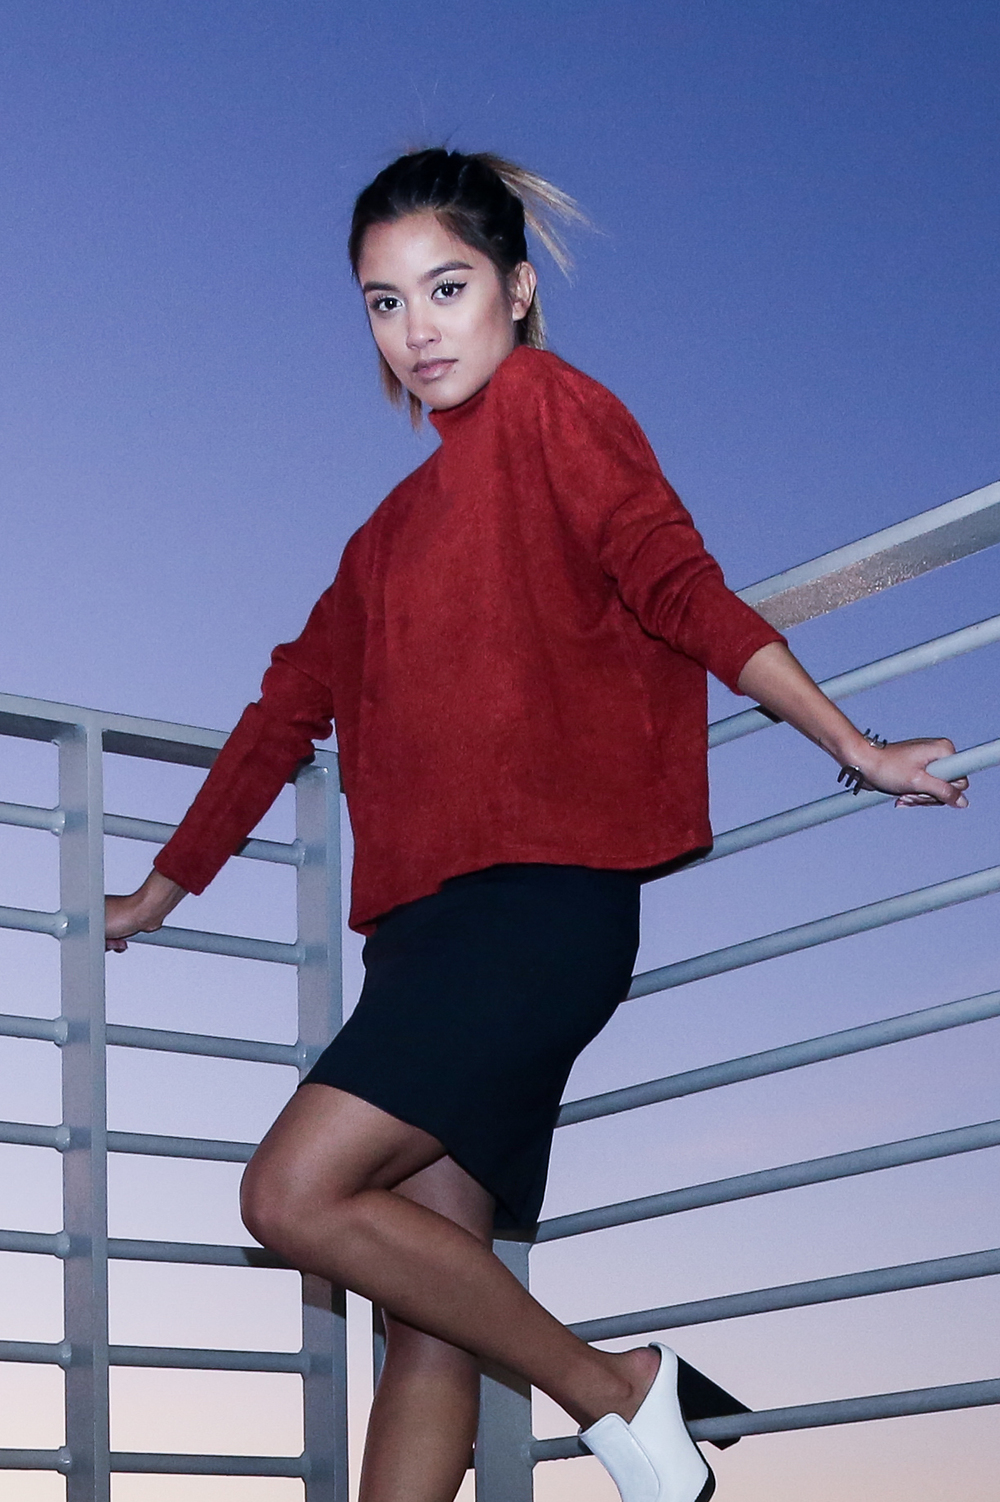 h&m   sweater   | h&m skirt (  similar  ) | topshop shoes (  similar  ) | pared eyewear   frames   | photos by    jon macarewa